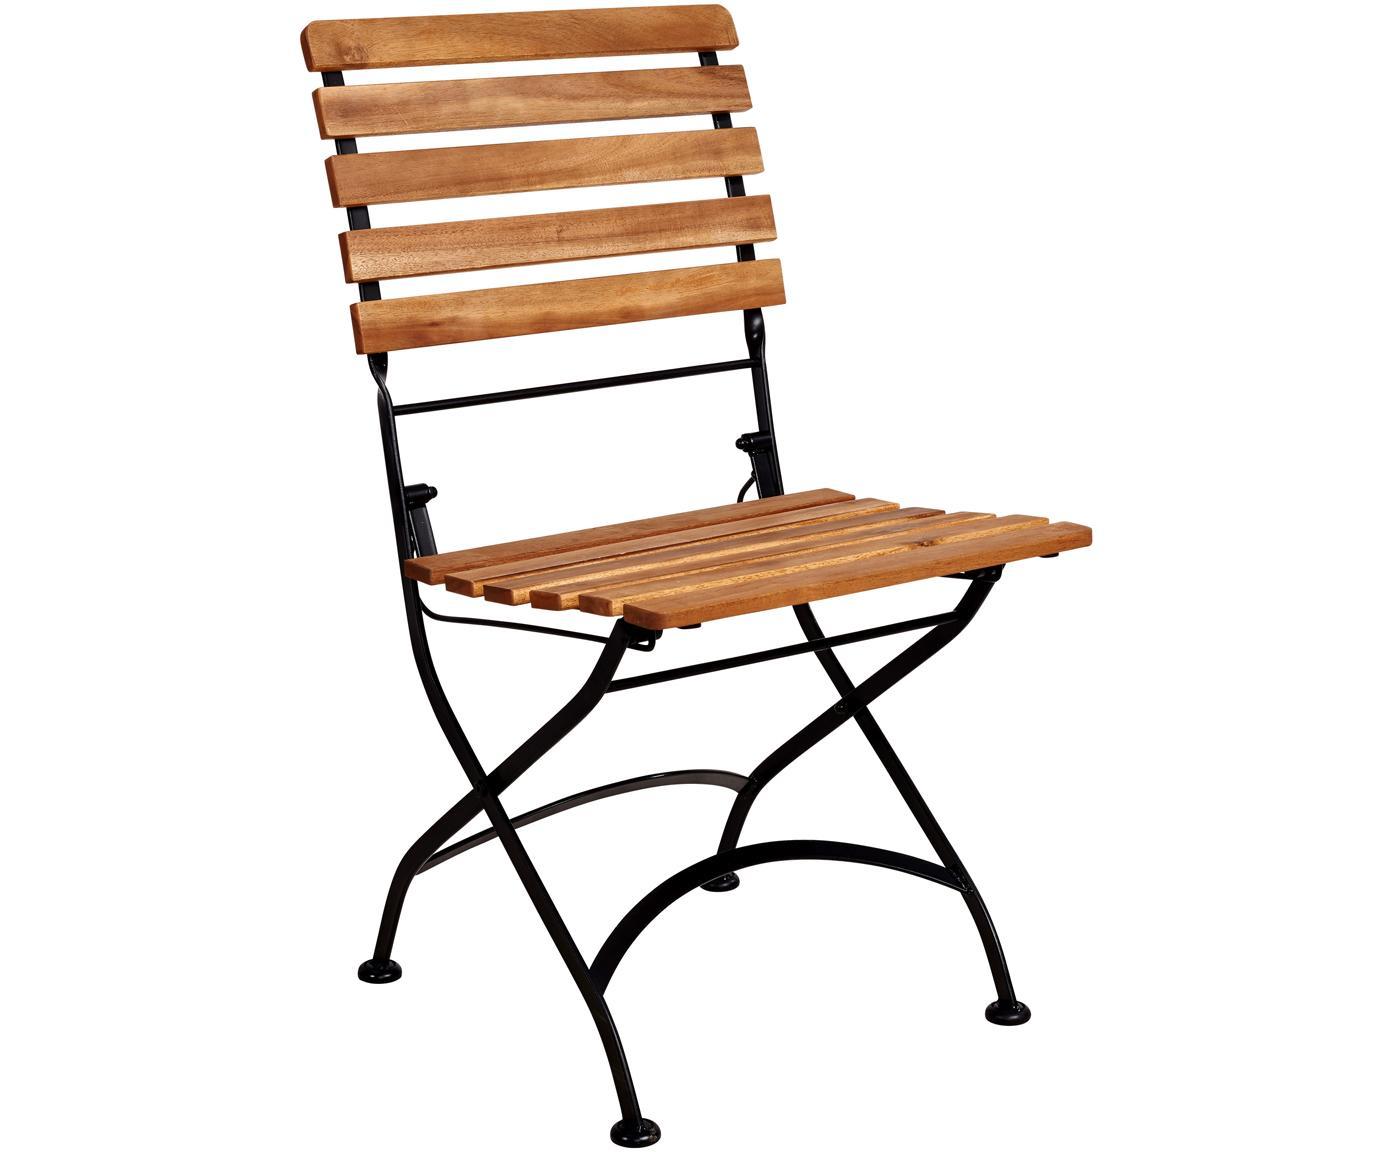 Krzesło składane Parklife, 2 szt., Stelaż: metal ocynkowany, malowan, Stelaż: czarny, matowy Korpus: drewno akacjowe, S 47 x G 54 cm